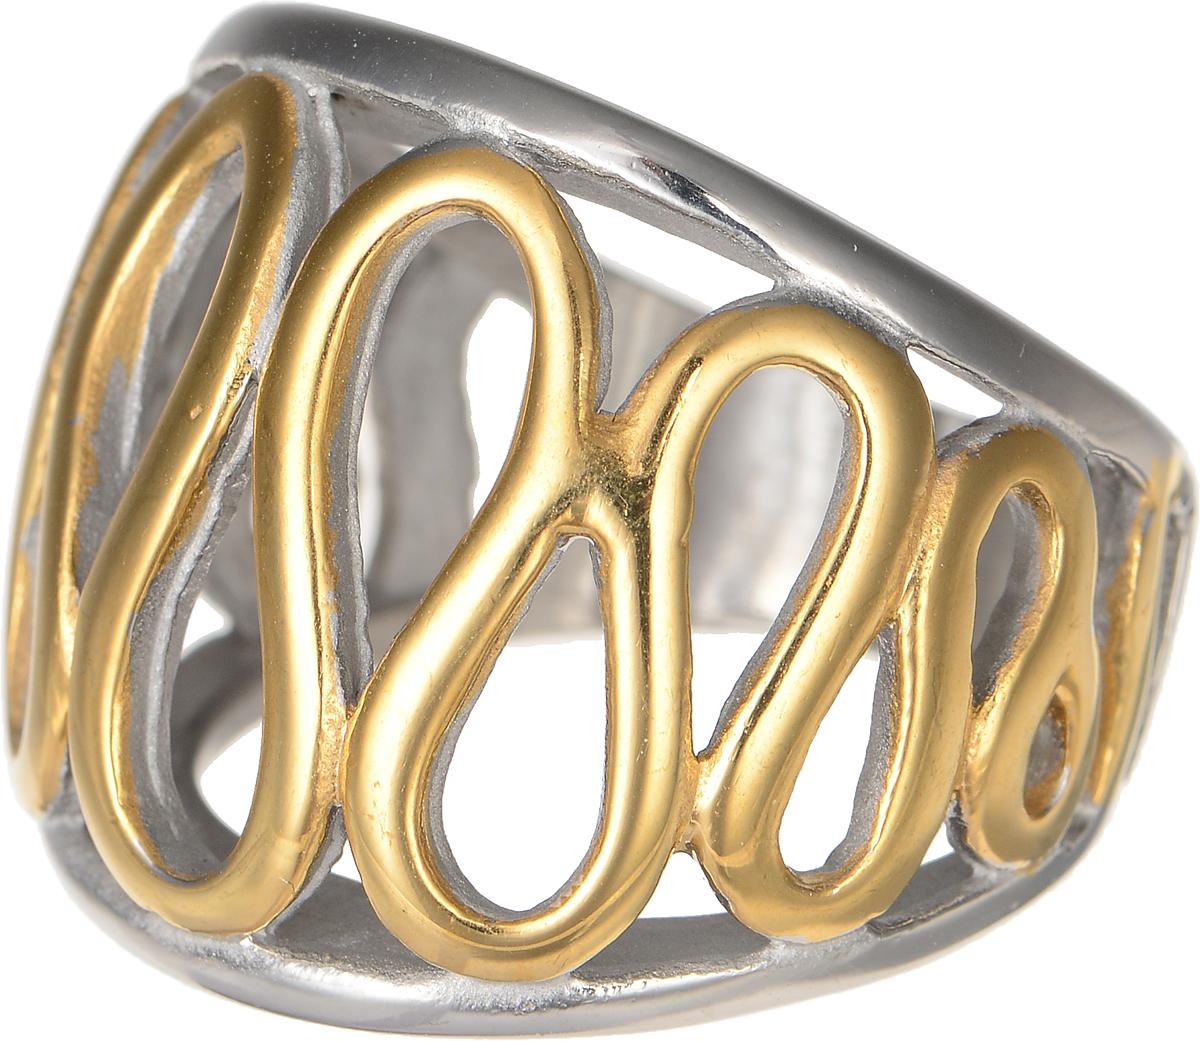 Кольцо Polina Selezneva, цвет: серебристый, золотистый. DG-0011. Размер 19DG-0011-09Стильное кольцо Polina Selezneva изготовлено из качественного металлического сплава и выполнено в оригинальном дизайне. Кольцо оформлено резным узором.